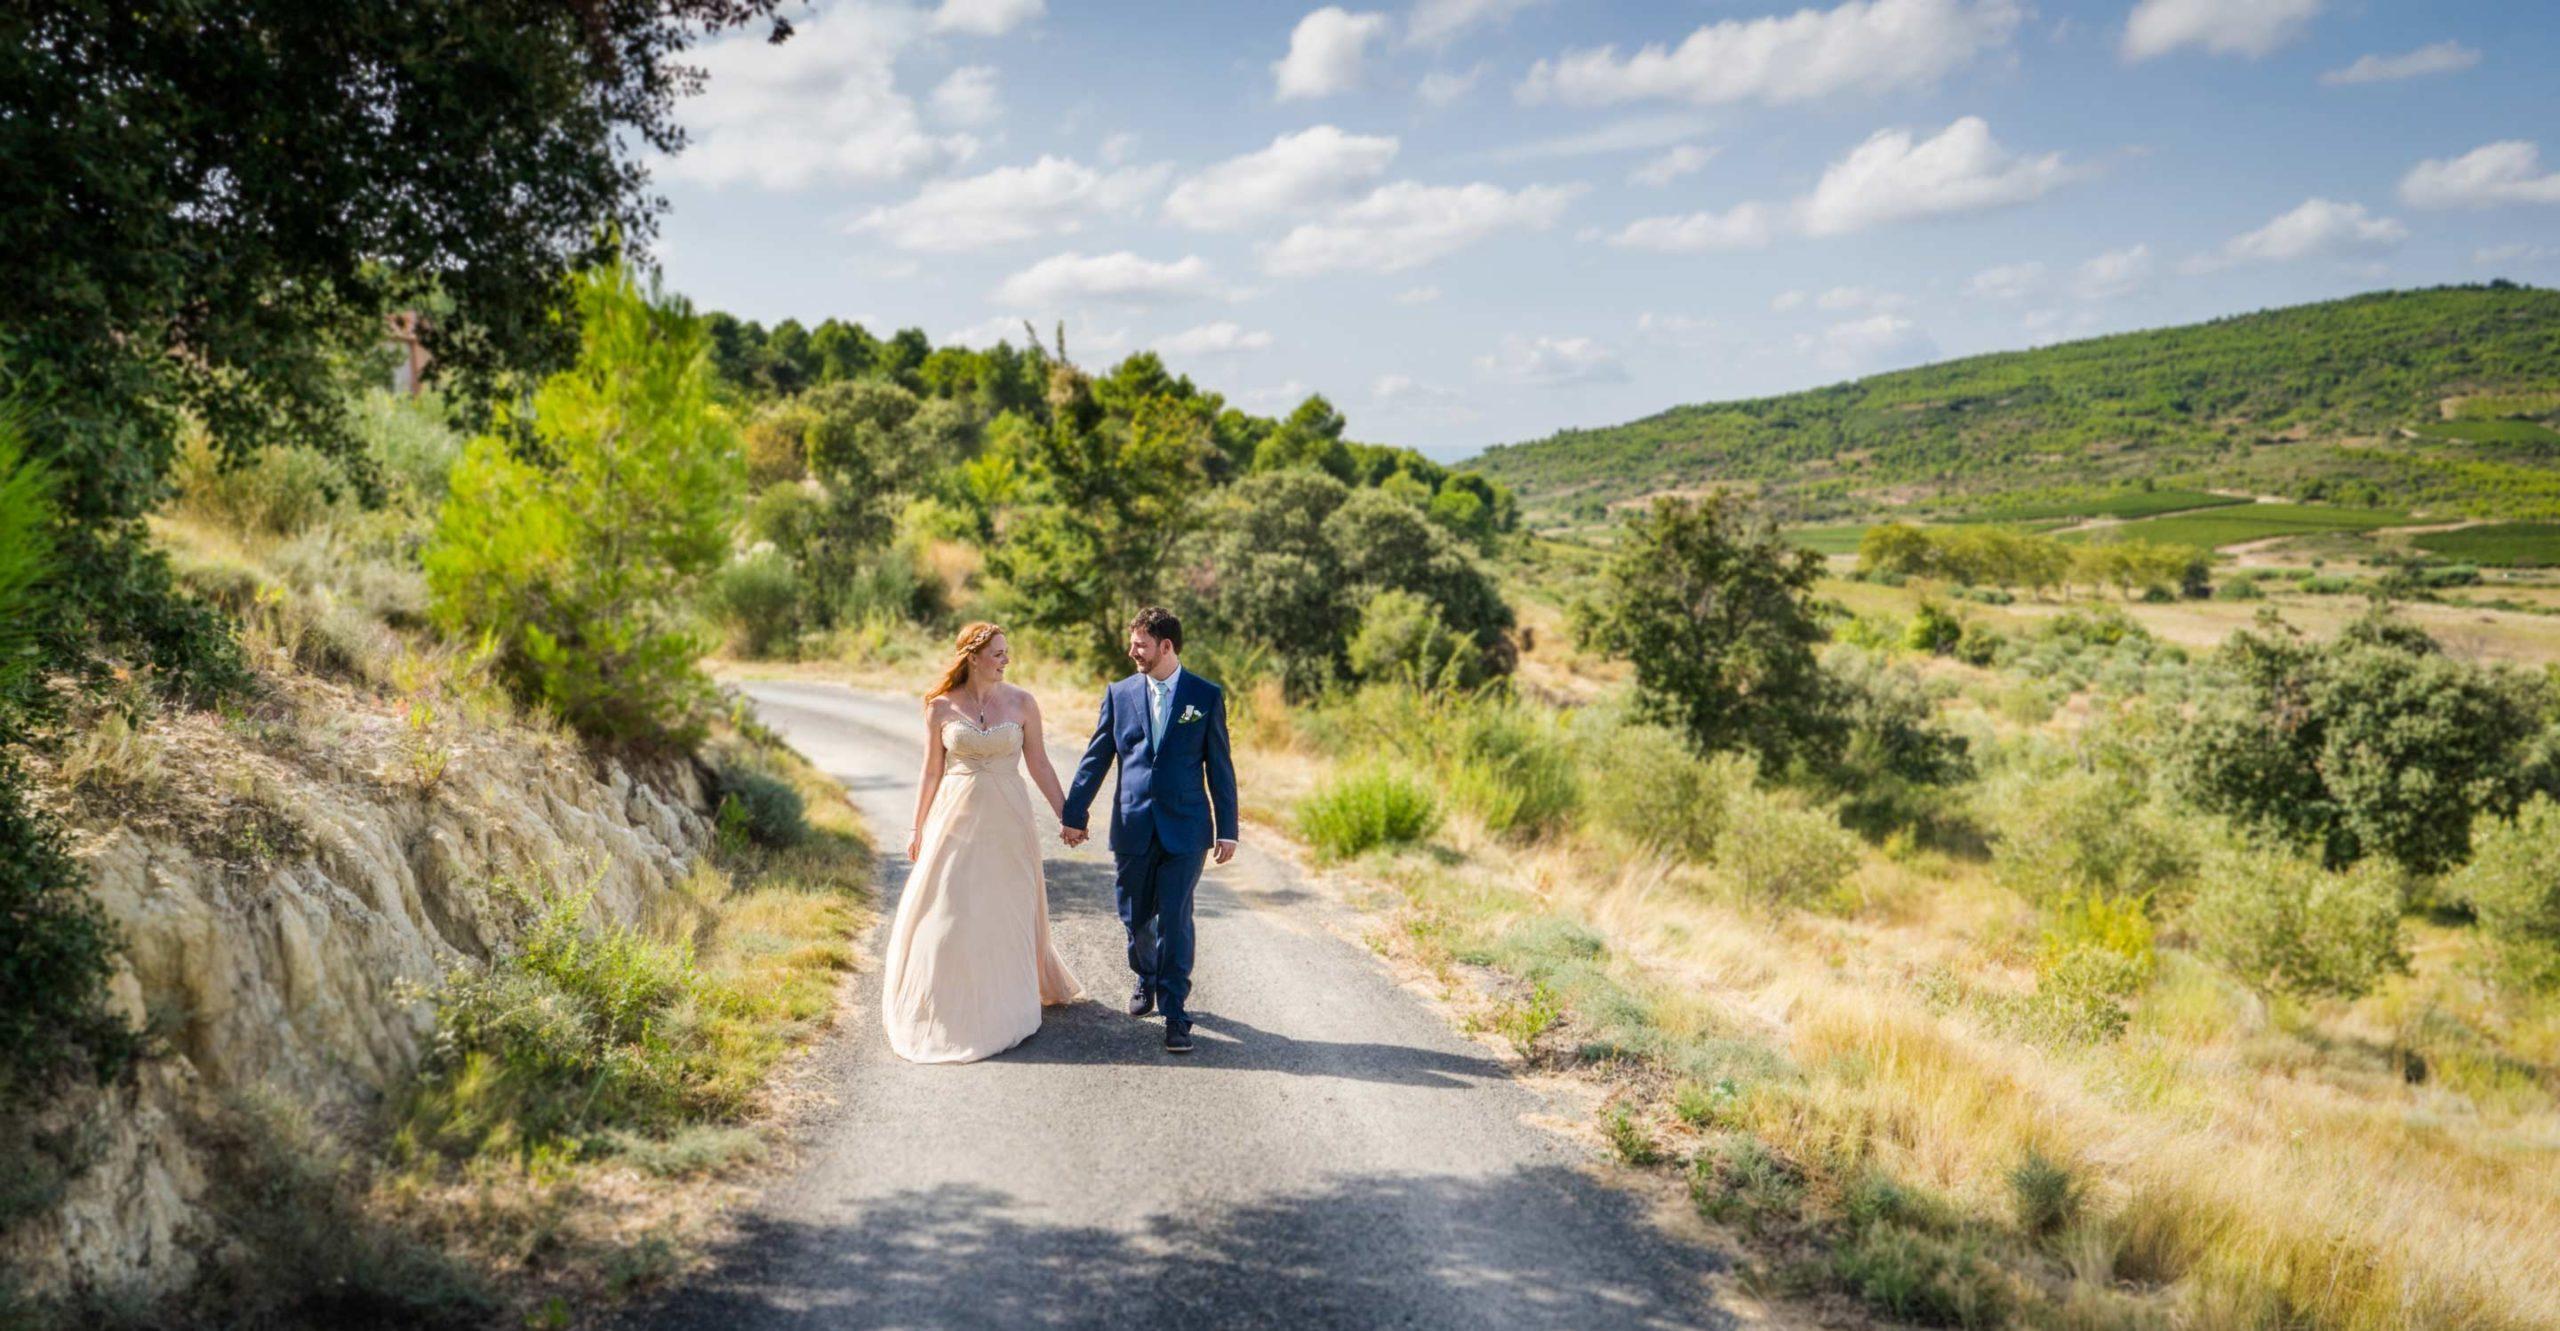 Photographie de Mariage. Les deux mariés marchent sur une route de garrigue main dans la main en se regardant amoureusement. Nîmes, Gard.